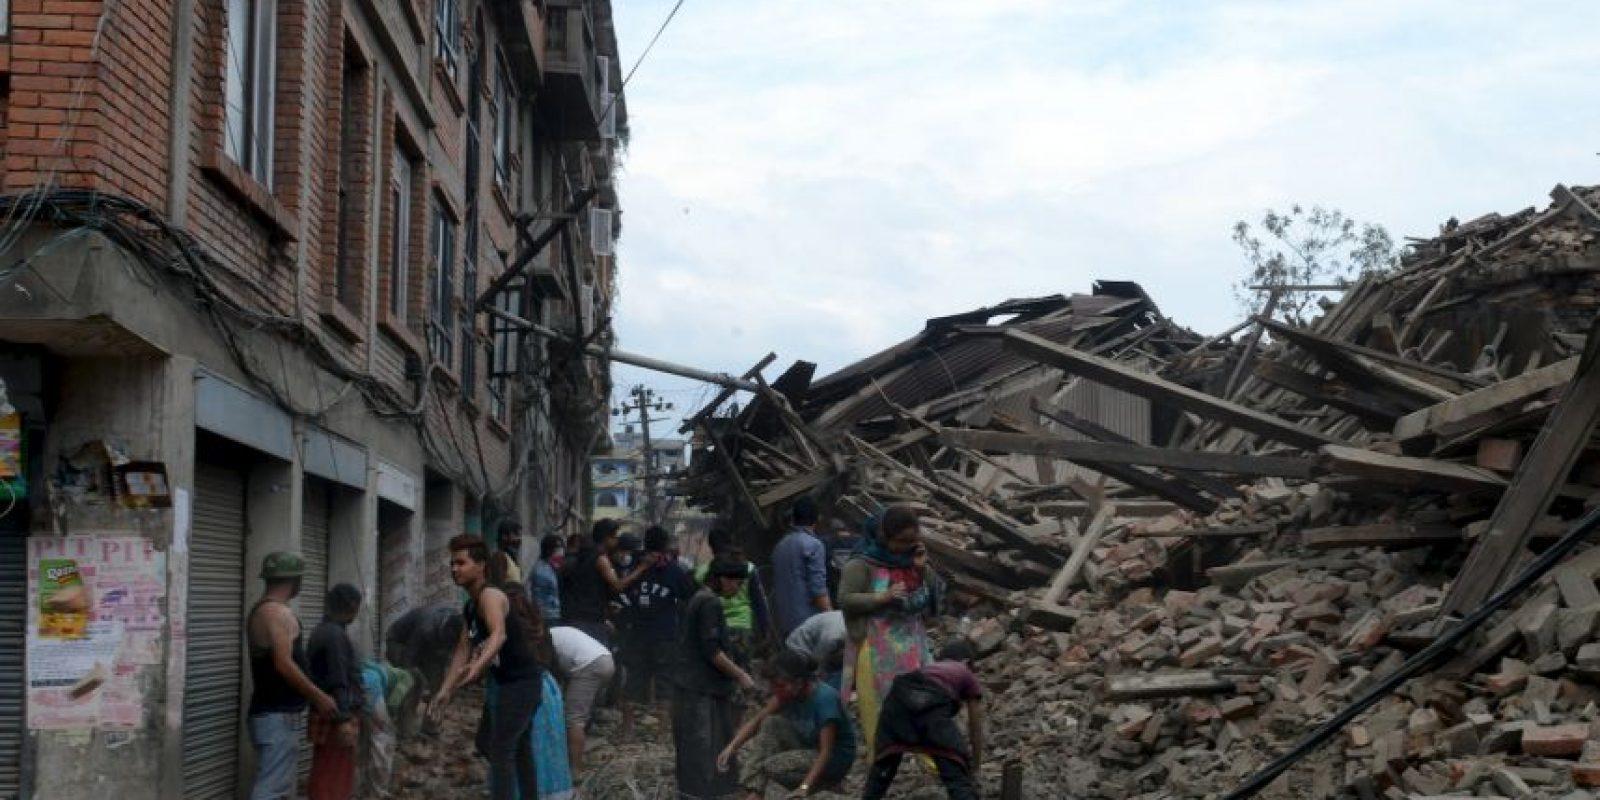 Esta mañana se registró un terremoto en la zona de Katmandú, Nepal, que aproximadamente ha dejado 900 muertos, según reportes de la cadena CNN. El terremoto tuvo una magnitud de 7,8 grados en la escala de Richter. Foto:vía AFP